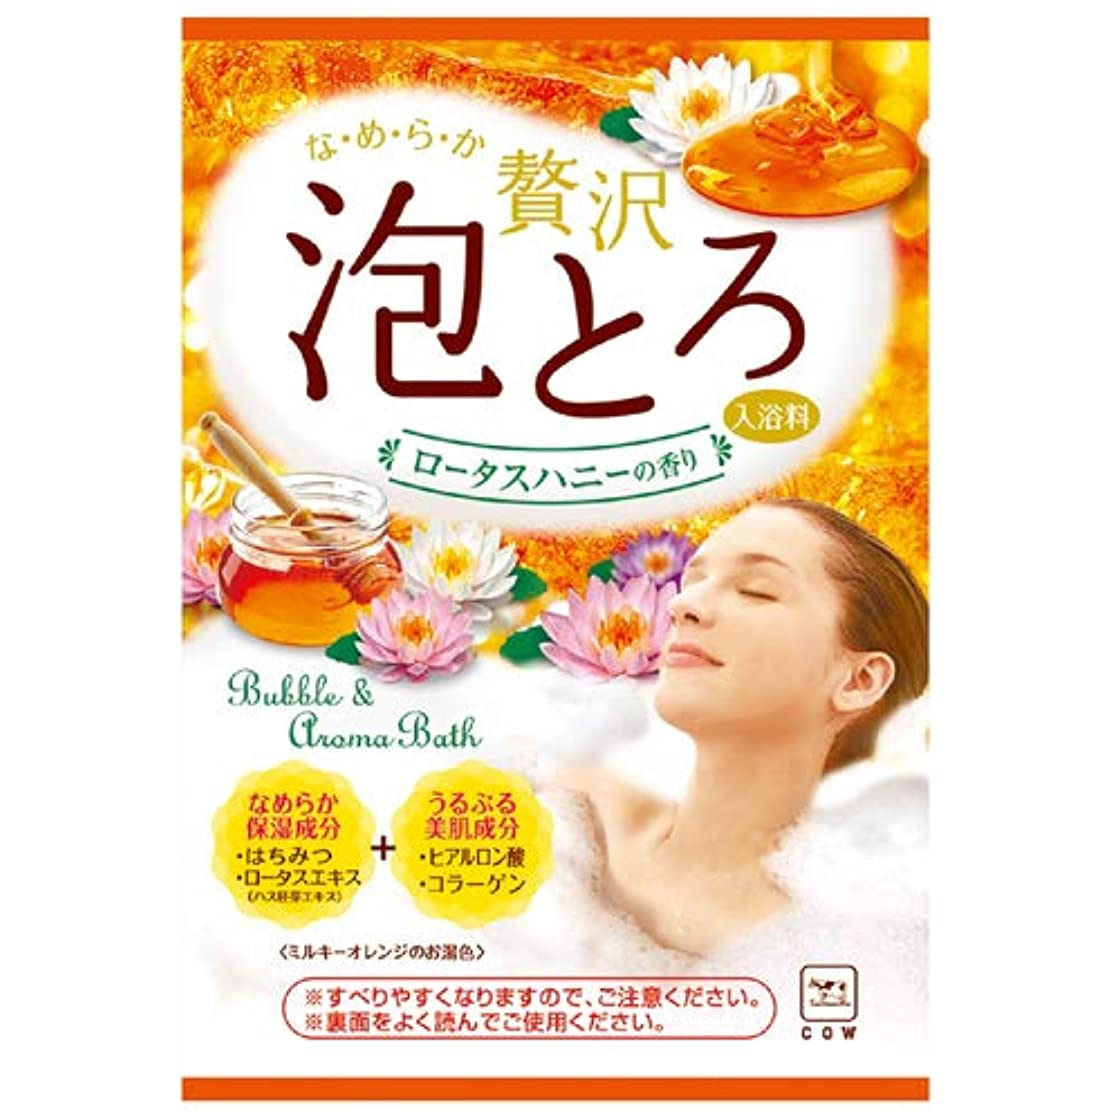 浮浪者頑固な中毒お湯物語 贅沢泡とろ入浴料 ロータスハニーの香り 30g